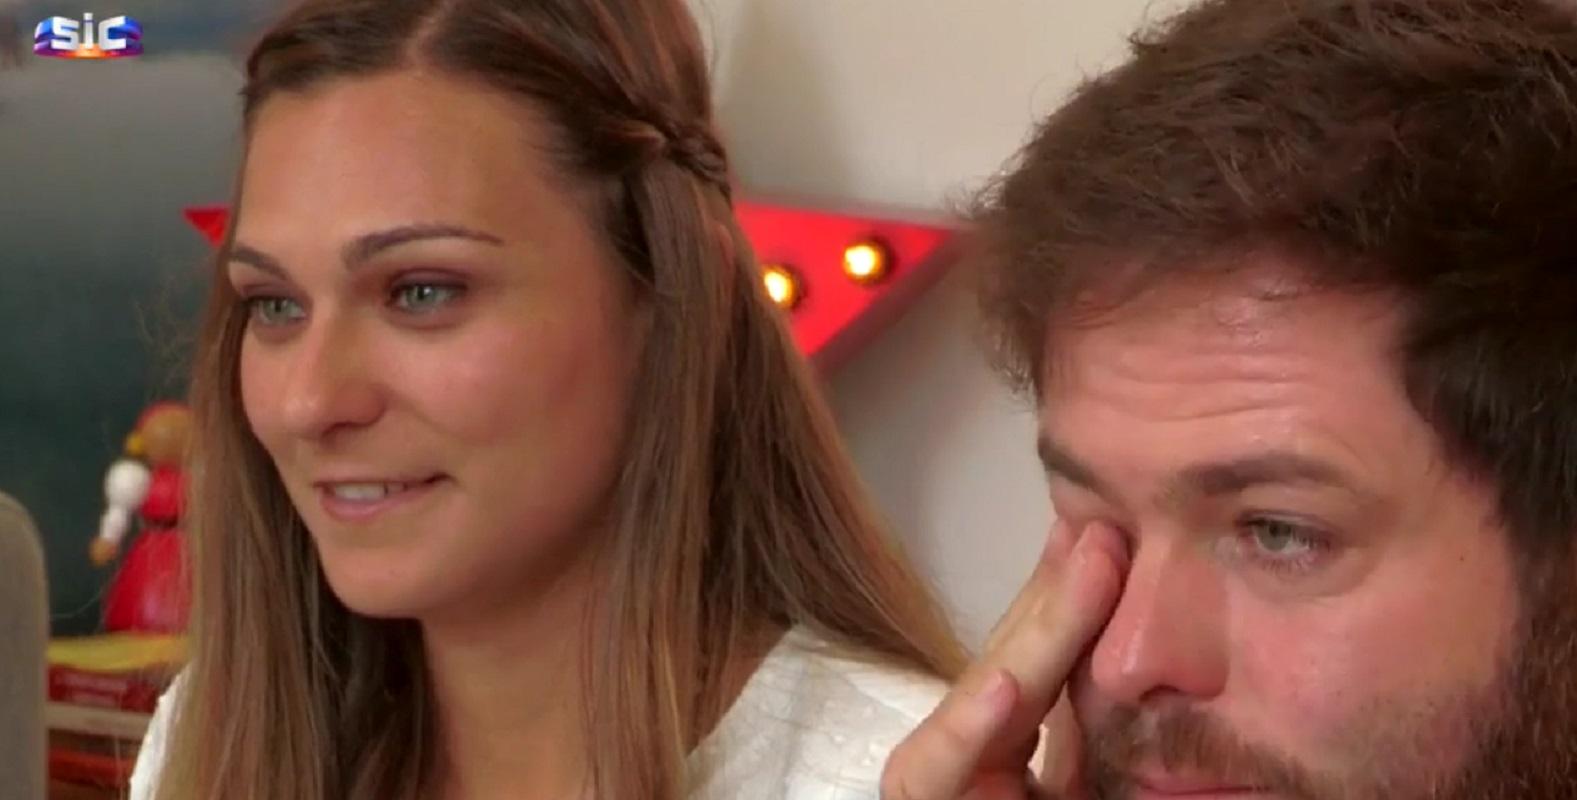 Tatiana Bruno2 1 'Casados'. Tatiana Farta De Bruno: &Quot;Estás A Continuar A Fazer A Mesma M****&Quot;